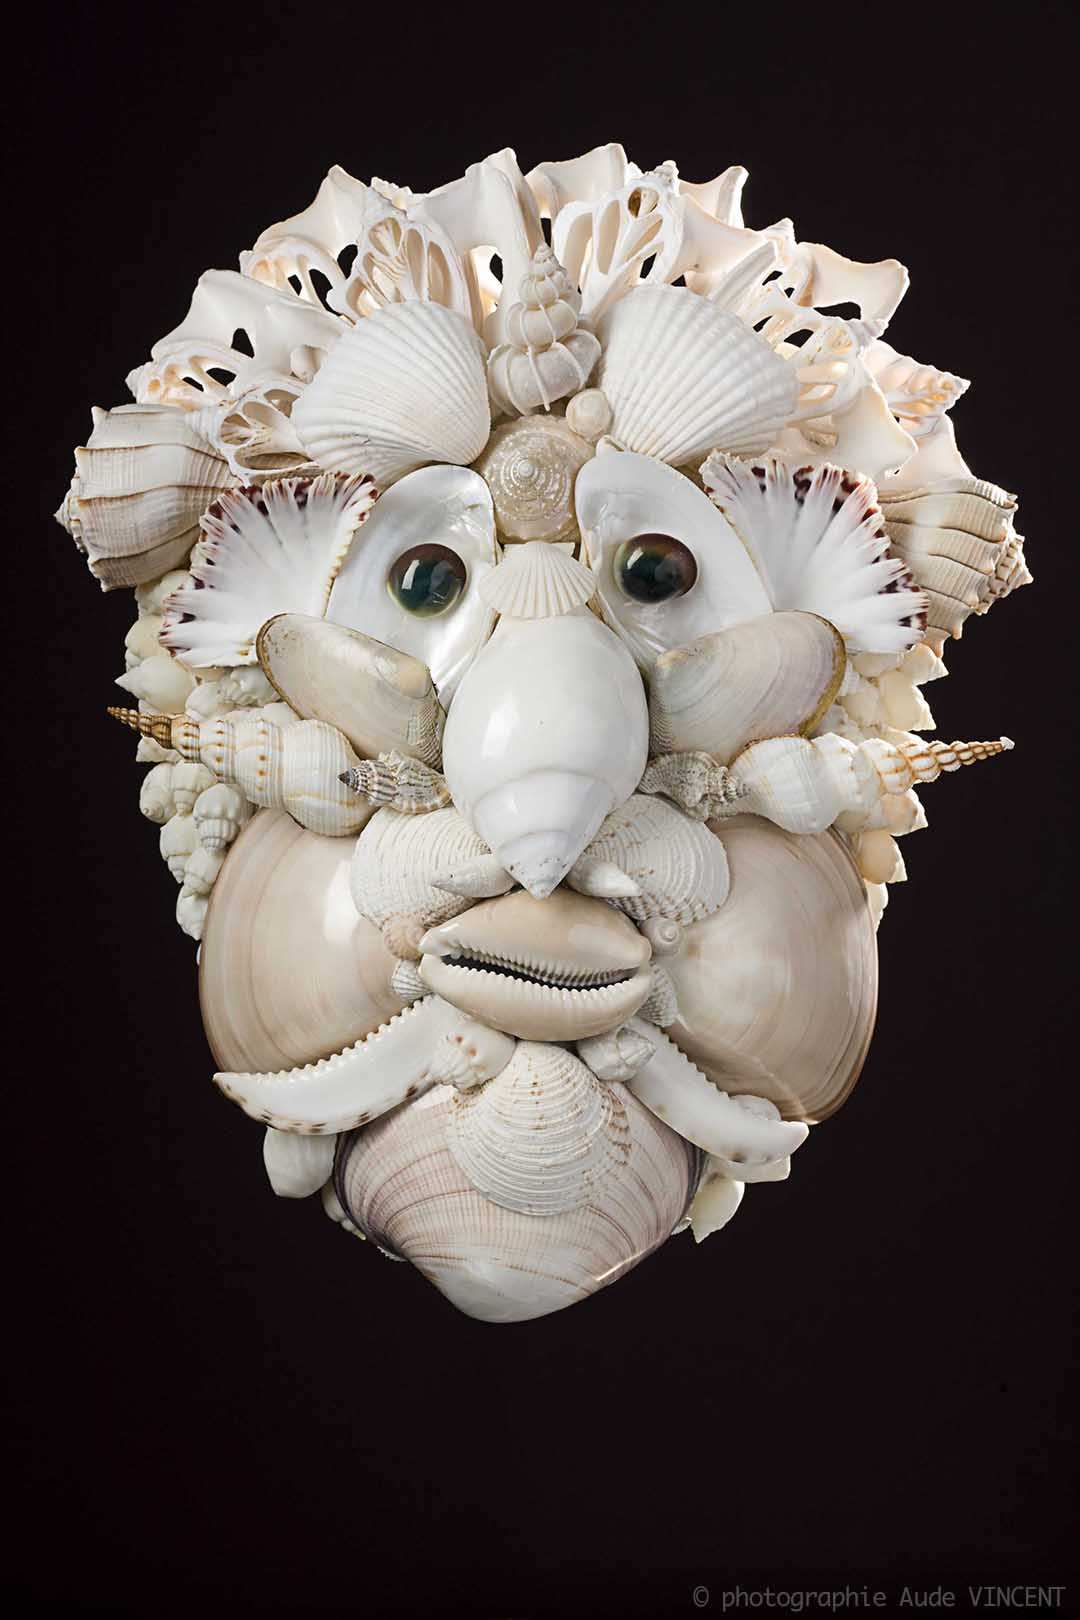 Photographie d'objet de décoration à partir de coquillages